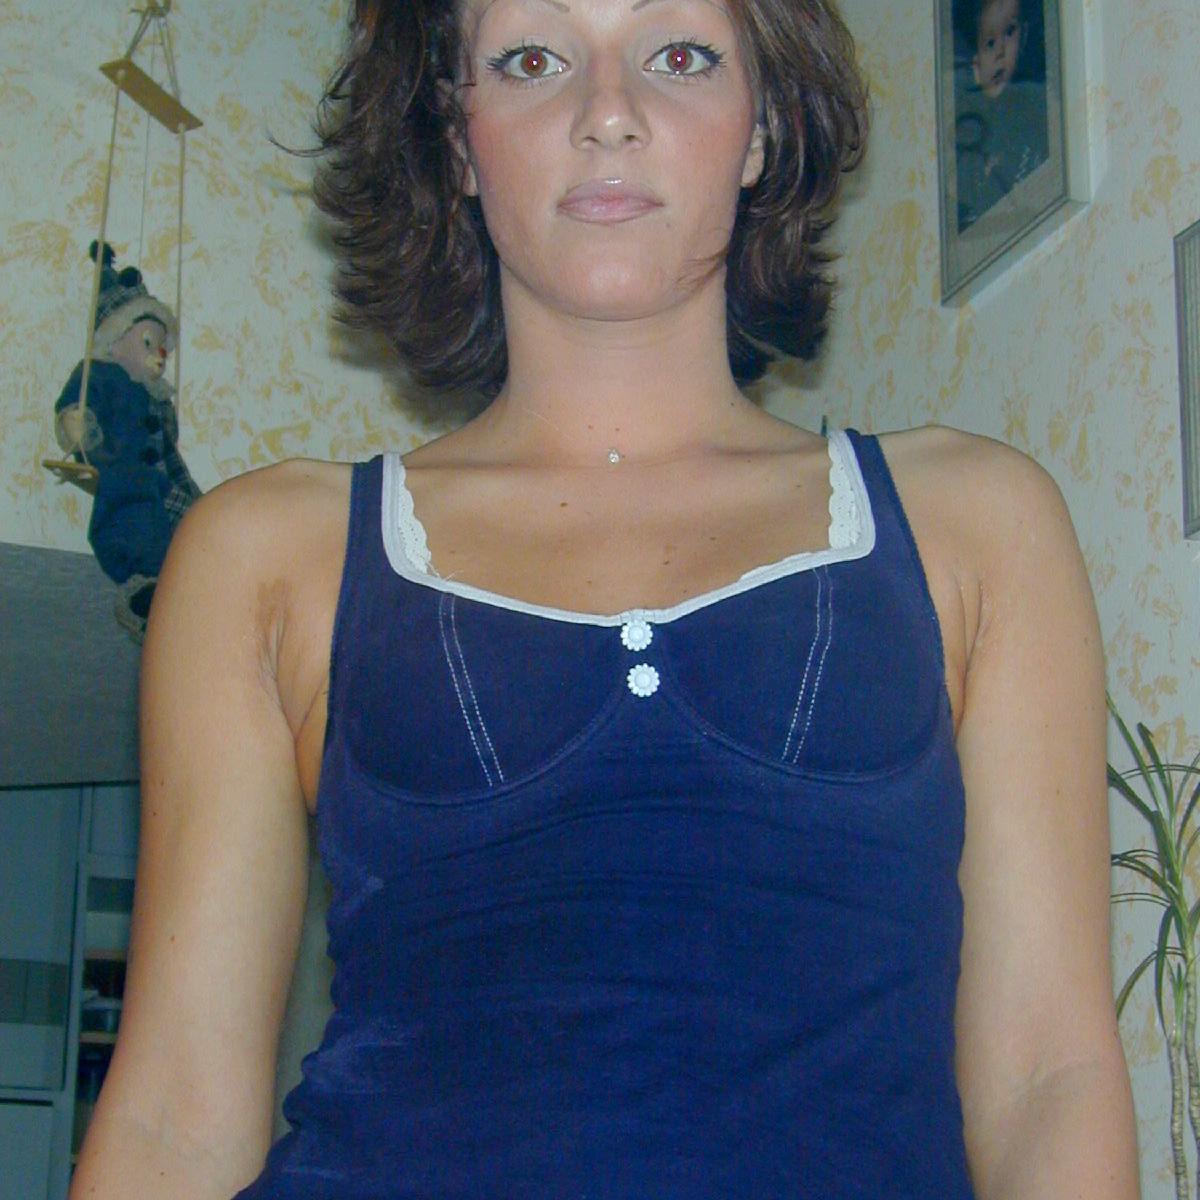 MadameX, 27, Ulm | Private erotische Anzeigen